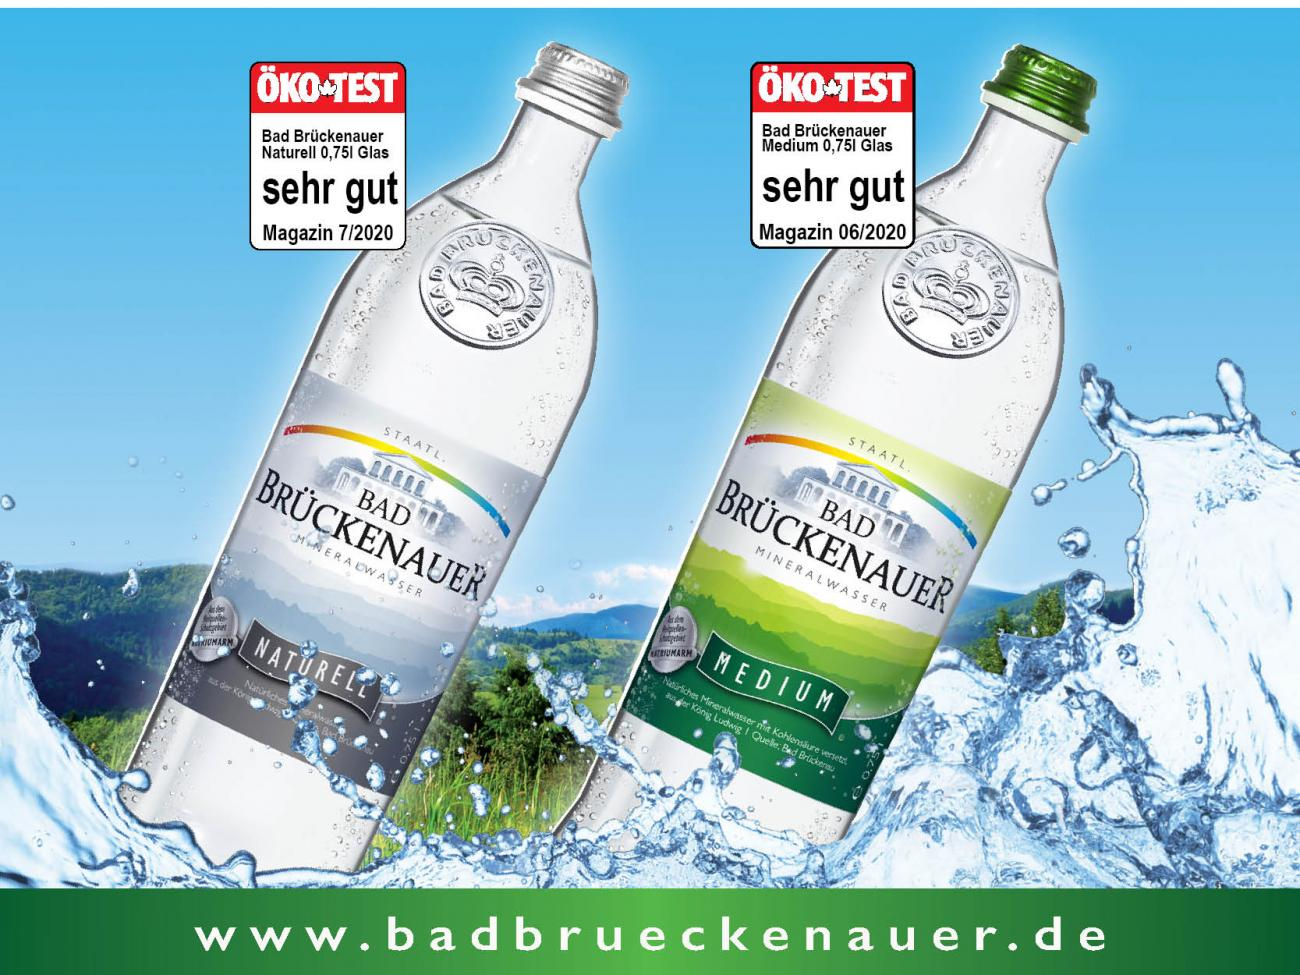 ÖkoTest Sehr gut für Bad Brückenauer Mineralwasser Medium und Naturell